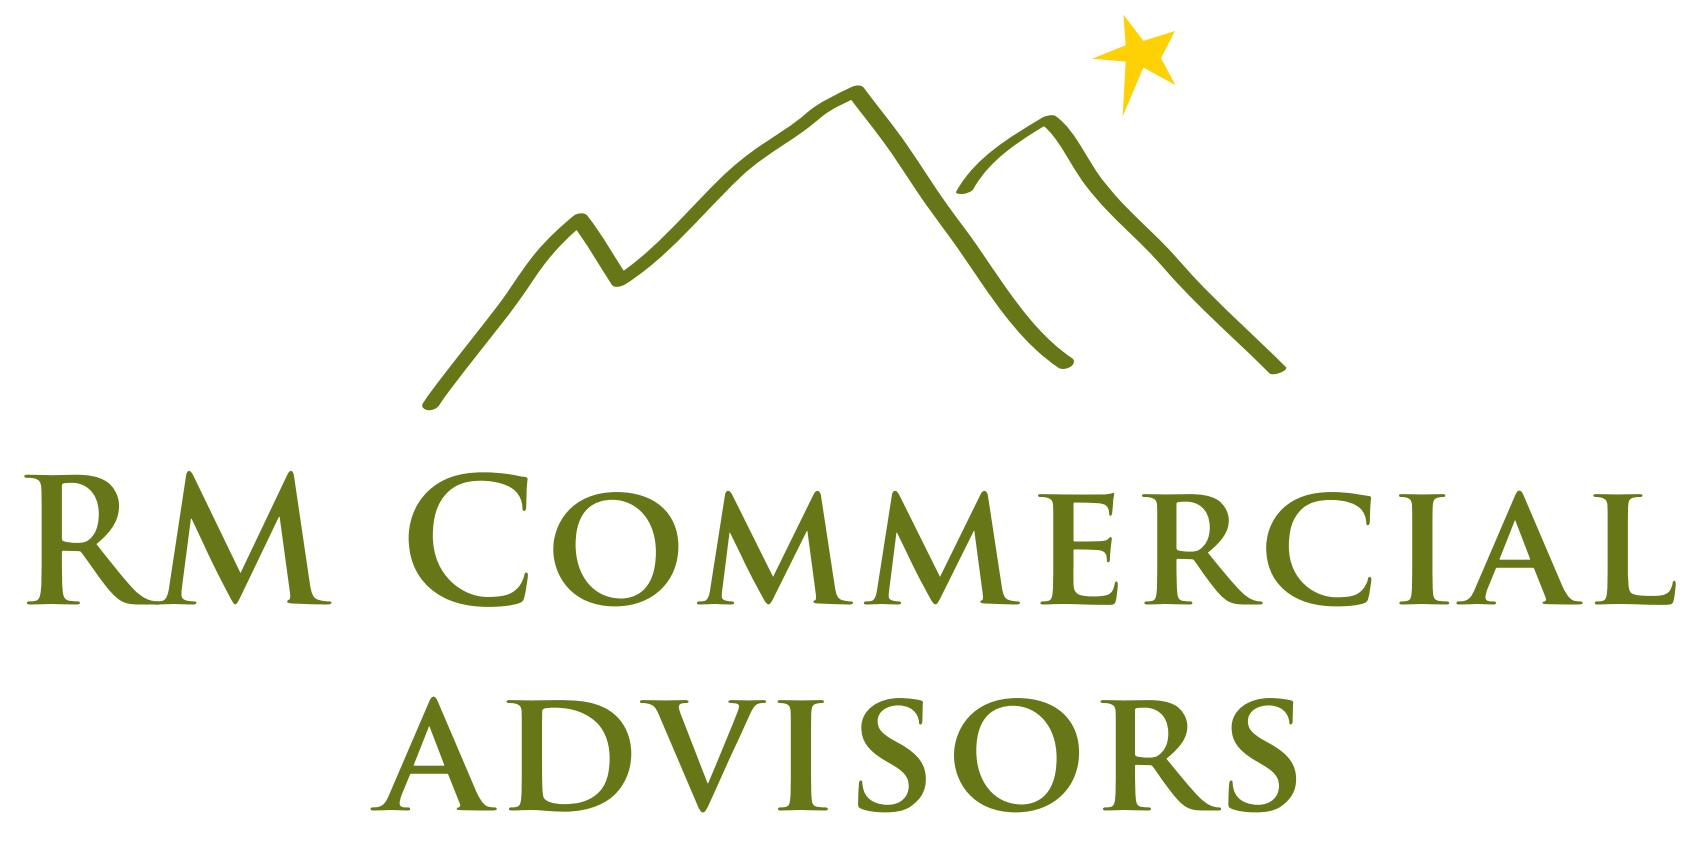 RM Commercial Advisors